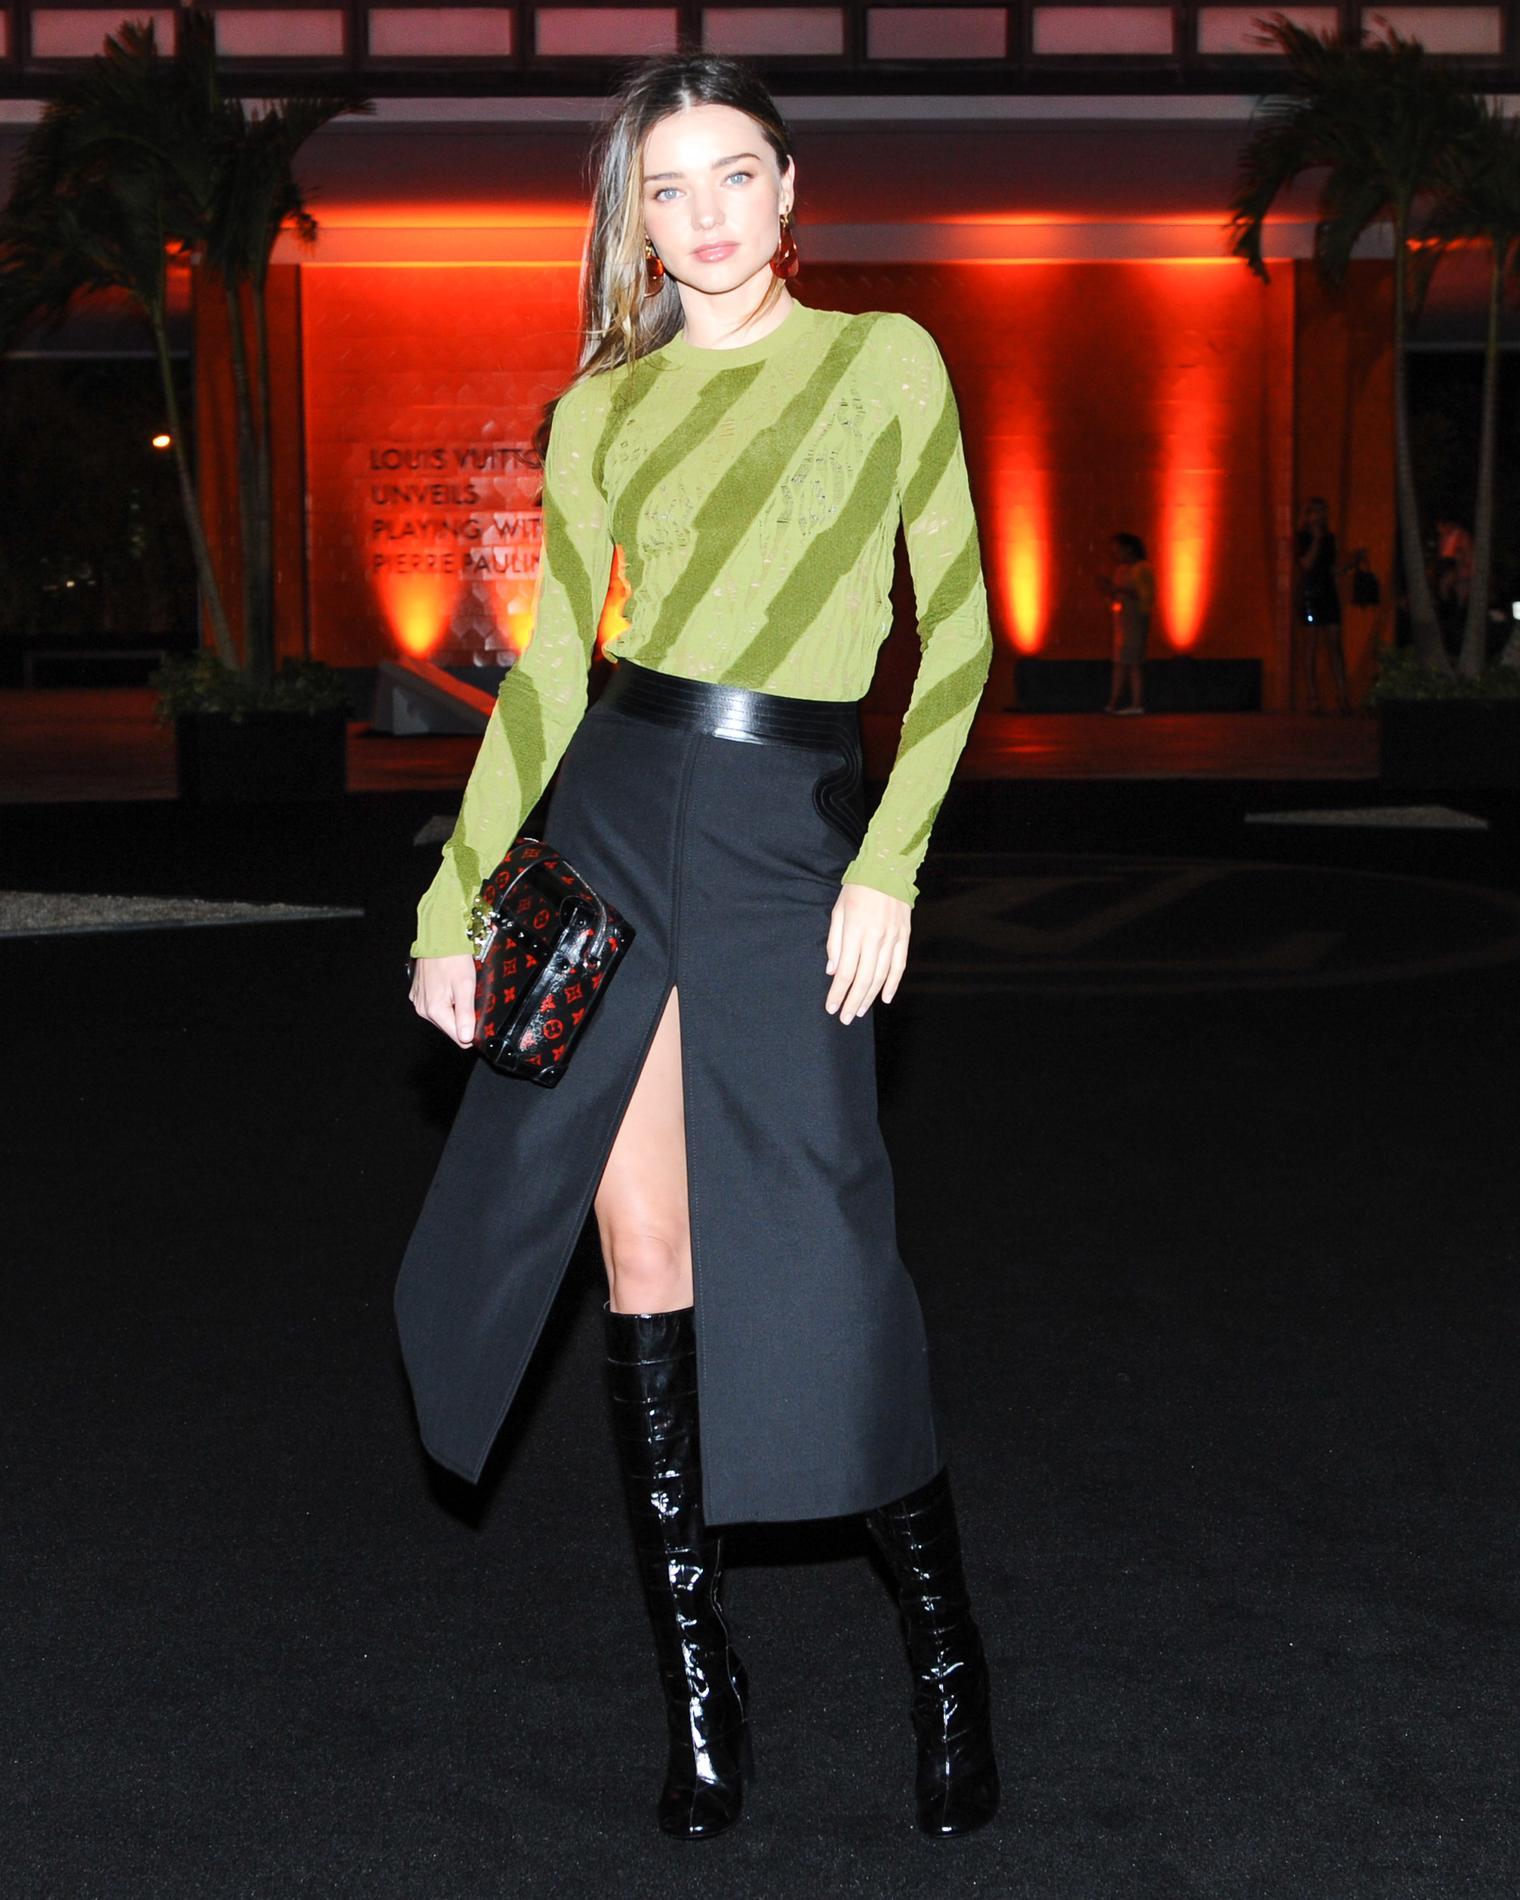 511f107c10d2f8 Bottes : comment les associer à une jupe ? - Madame Figaro